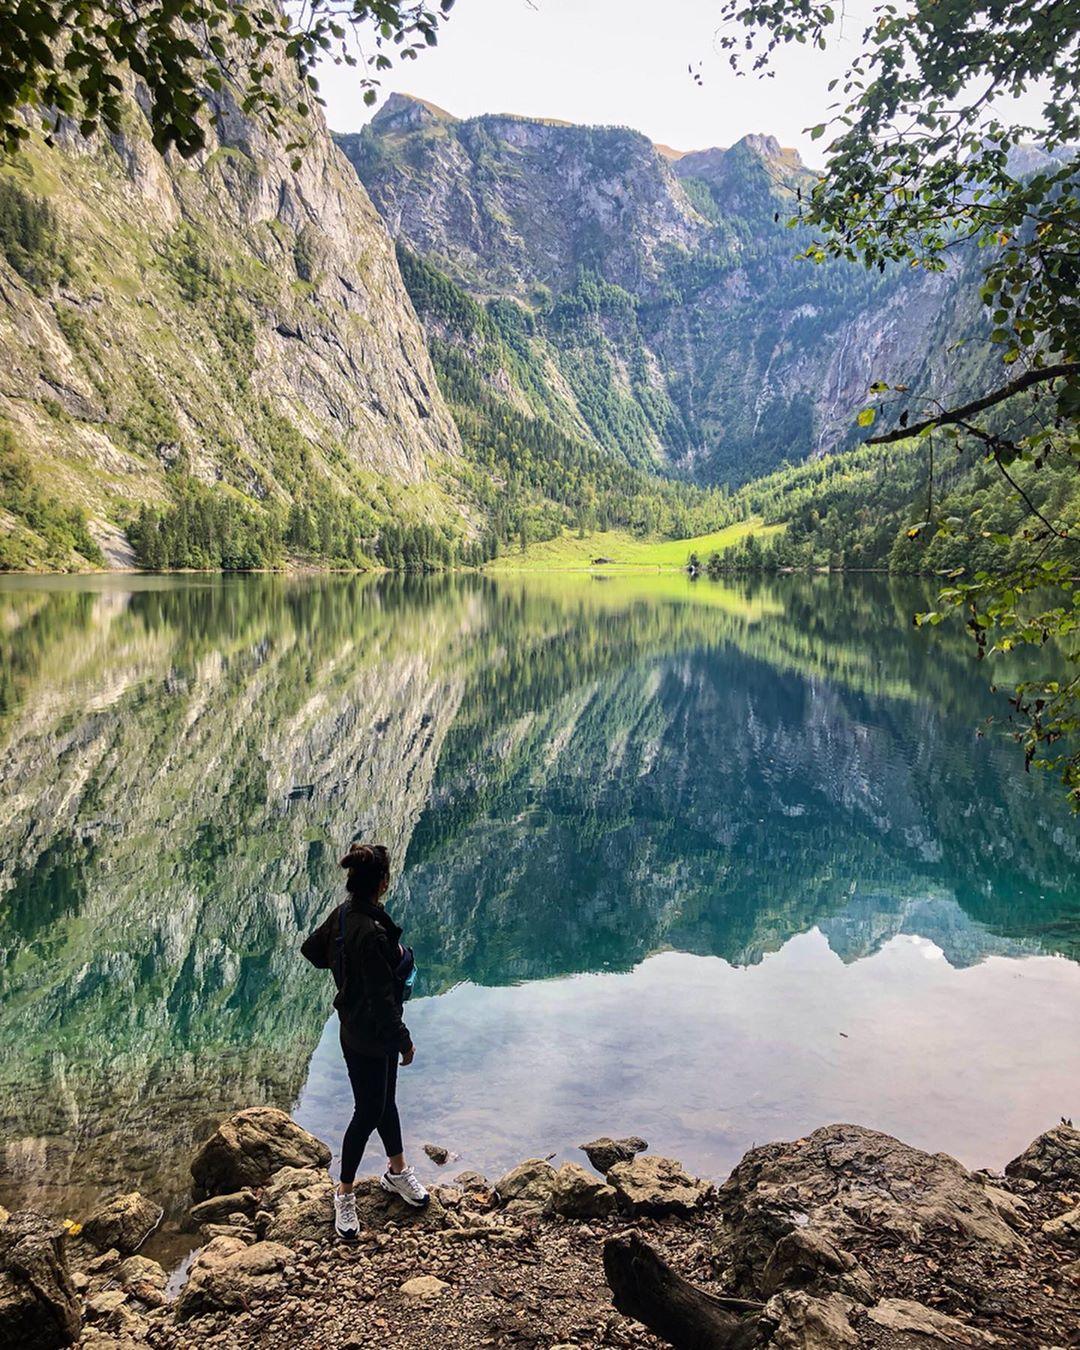 Hồ Obersee, Berchtesgaden, Đức